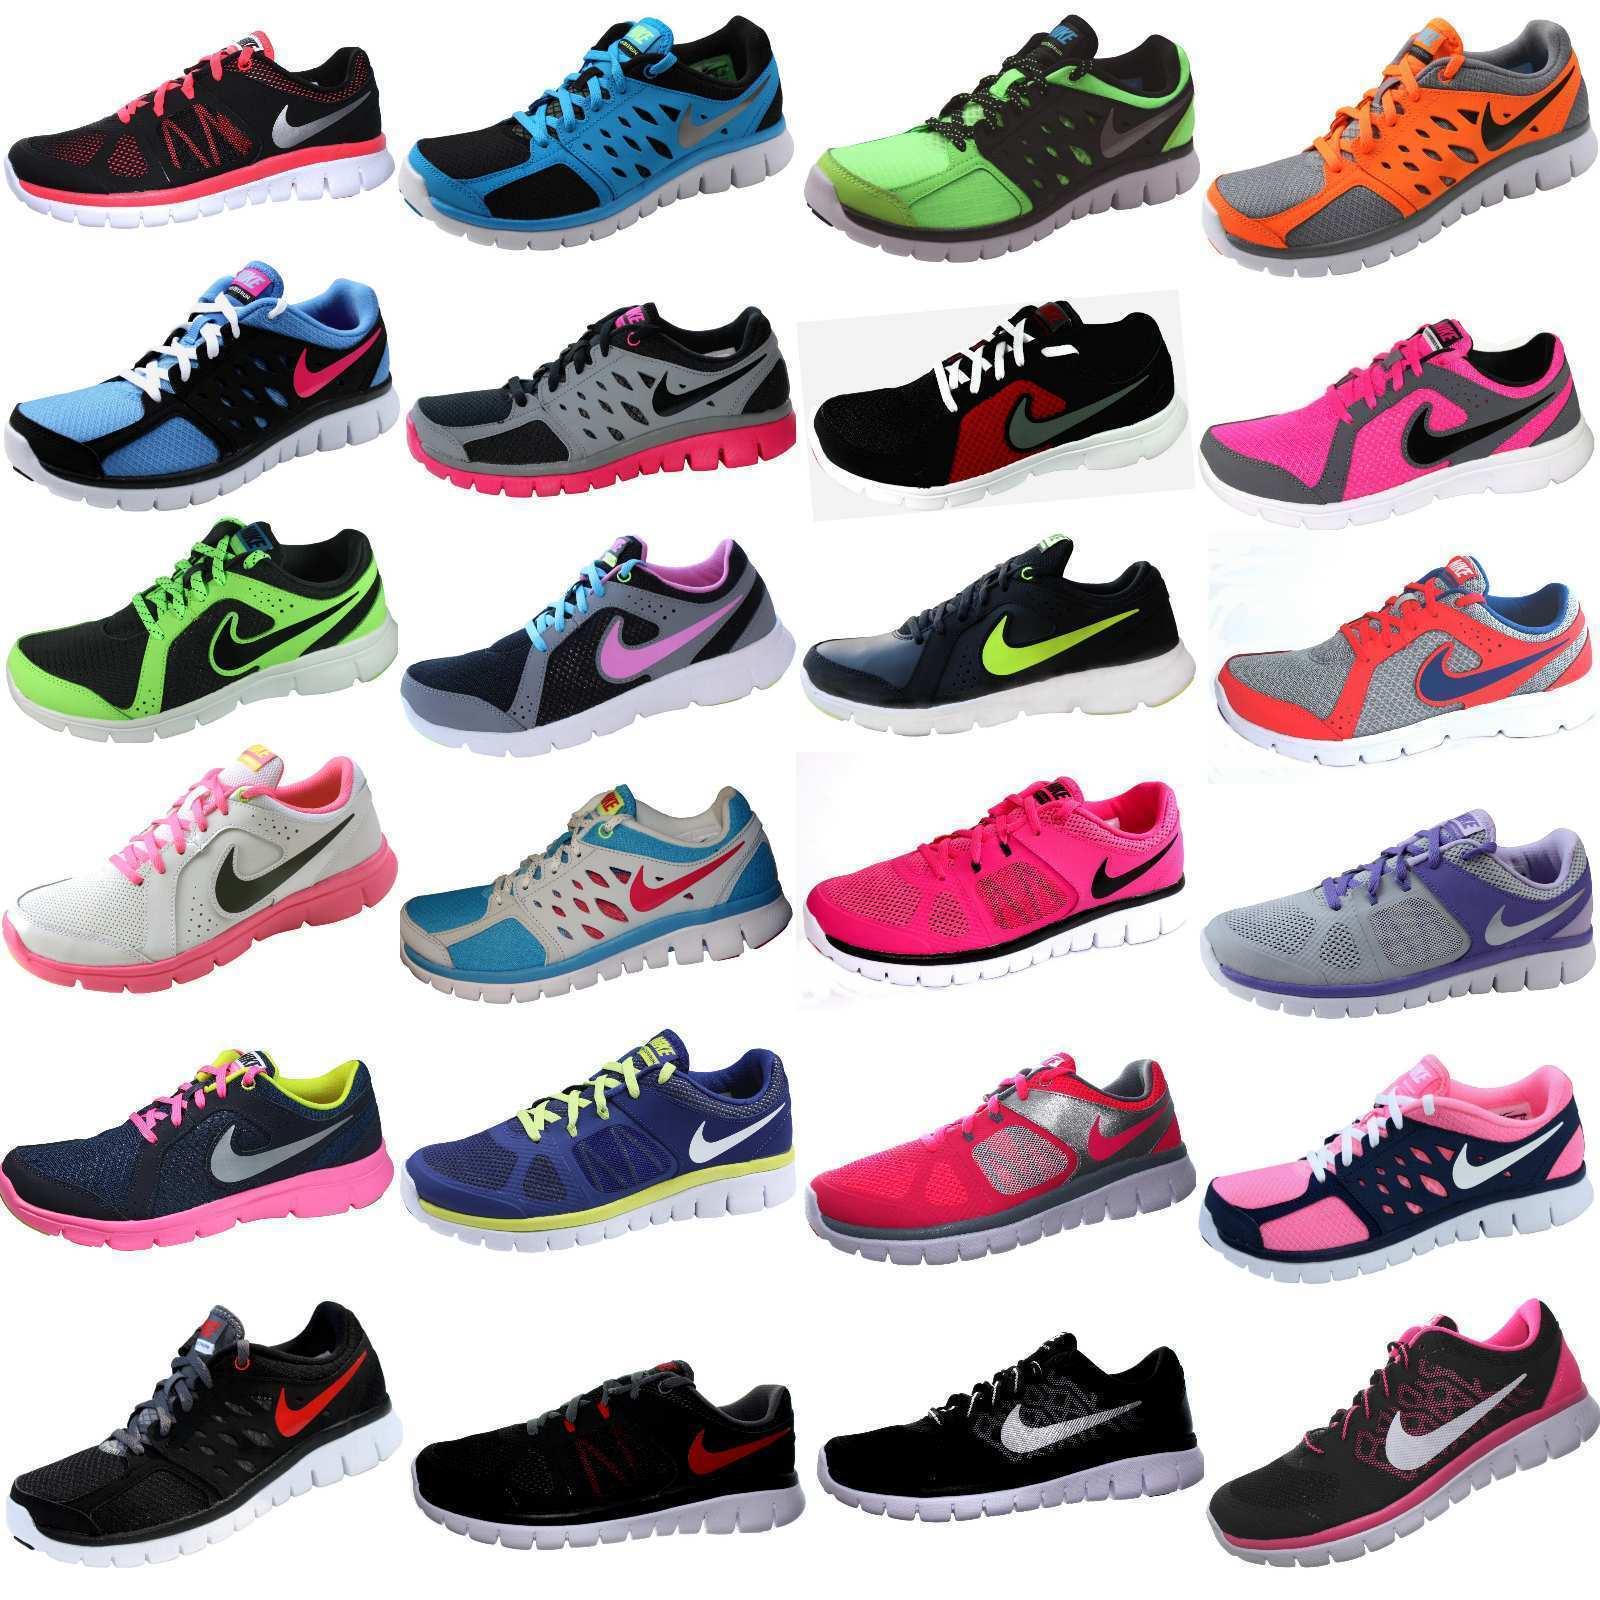 Nike Flex run 2013 2014 GS zapatos zapatillas free señora chica calzado deportivo